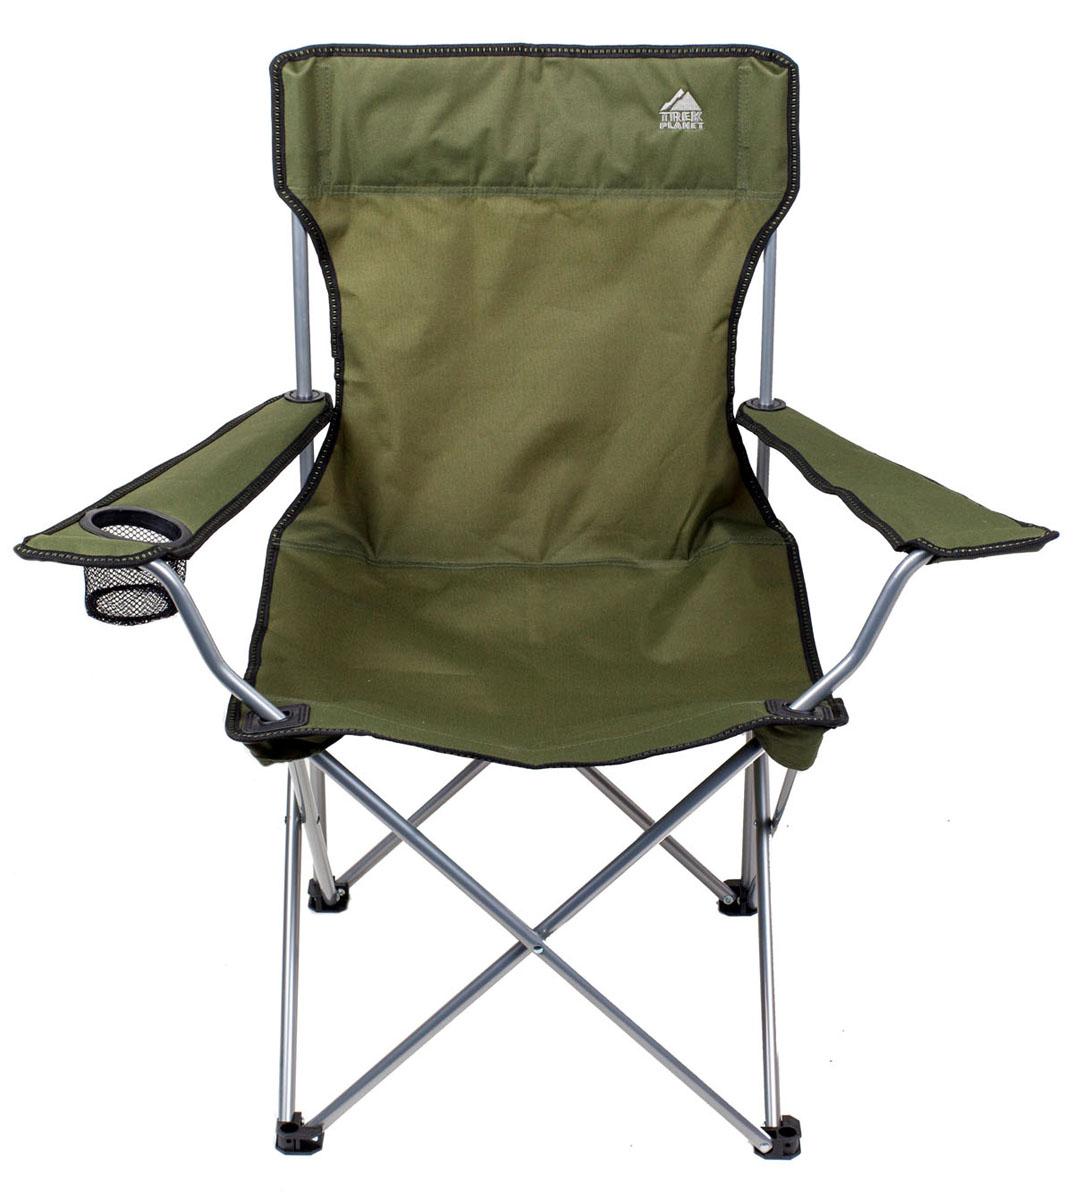 Кресло складное Trek PlanetLIFC007Комфортное складное кресло TREK PLANET PICNIC с широким сиденьем и высокой спинкой - прекрасный выбор для отдыха на природе, охоты и рыбалки. Прочный материал сиденья 600D полиэстер с защитой от ультрафиолетового излучения, не впитывает влагу и бысто сохнет. Комфорта добавляют широкие подлокотники и держатель для бутылок. Ножки имеют защиту из прочного пластика, предотвращая проваливание кресла в землю и песок. В сложенном состоянии не занимает много места и комплектуется чехлом с лямкой для переноски. Особенности: - Удобное сиденье. - Высокая спинка. - Очень легкое. - Широкие подлокотники. - Держатель для бутылок. - Прочный материал. - Защита от УФО. - Чехол с лямкой для переноски и хранения. Материал: 600D Polyester - стойкий к ультрафиолетовому излучению. Рама: 16 мм сталь. Размер в разложенном виде: 54 х 54 х 90 см. Размер в сложенном виде: 18 х 17,5 х 91 см. Вес: 2,7 кг. Нагрузка: 100...